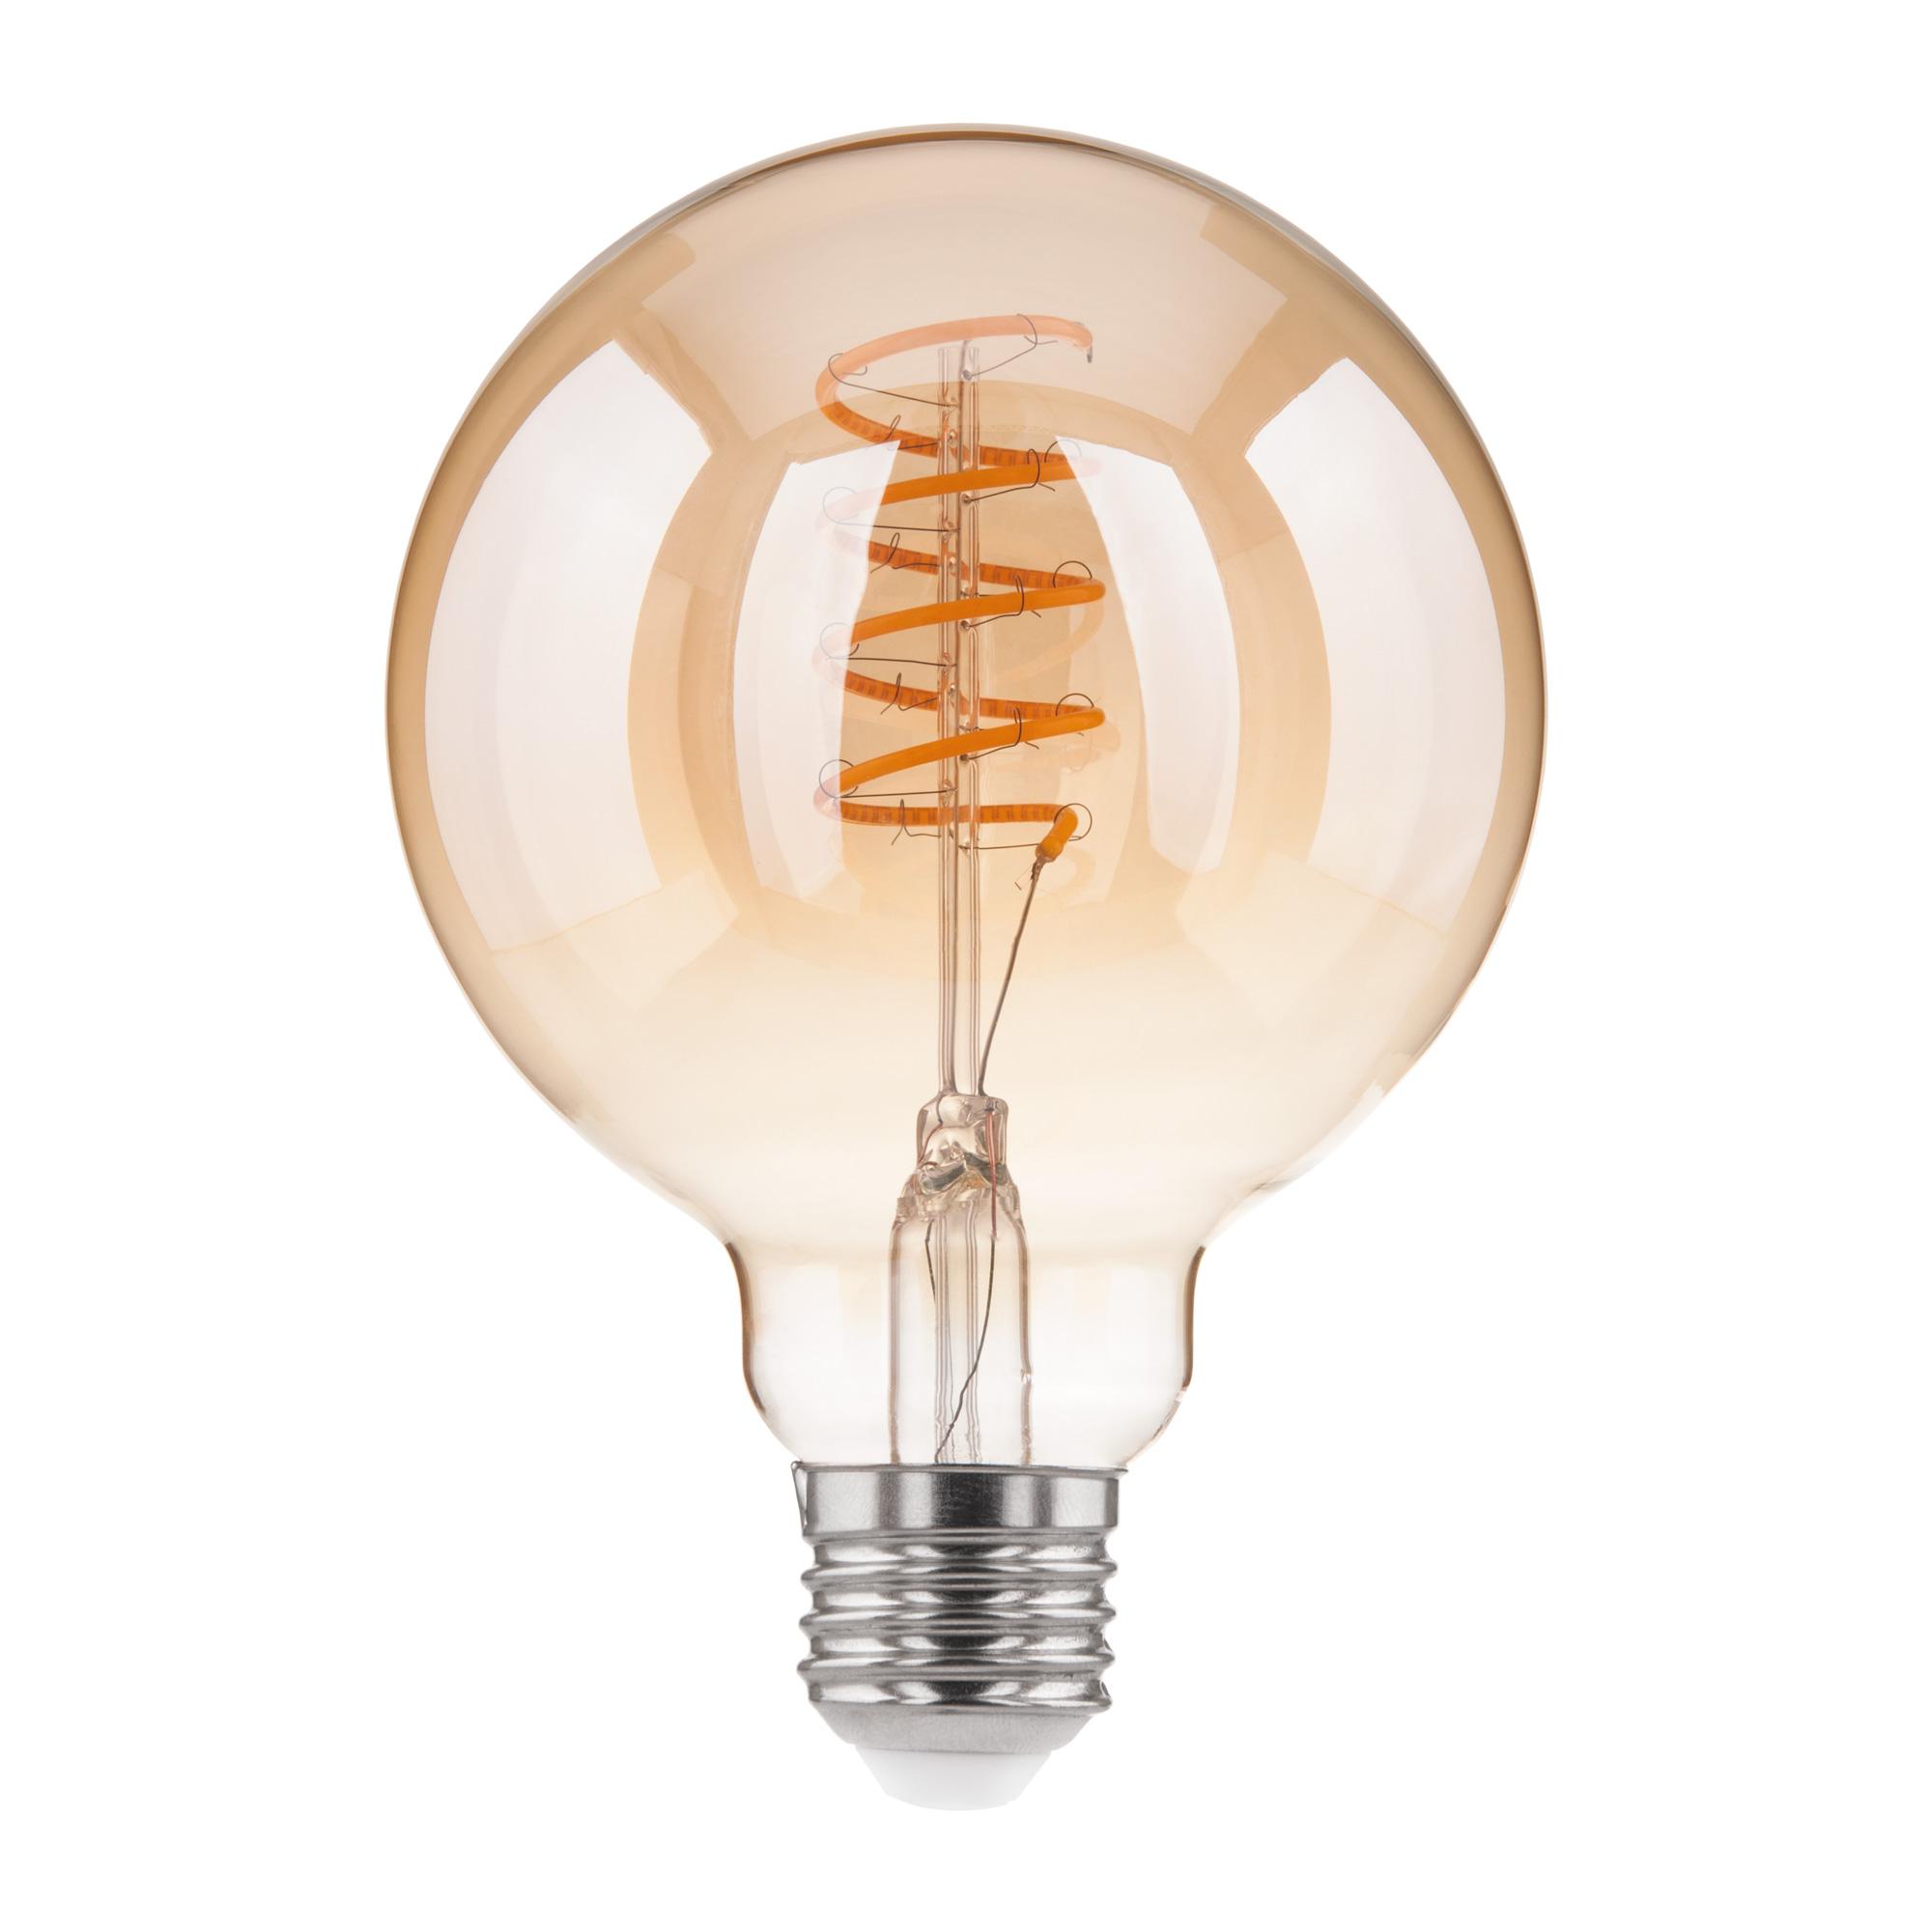 Филаментная светодиодная лампа Dimmable 5W 2700K E27 (G95 тонированный) BLE2747